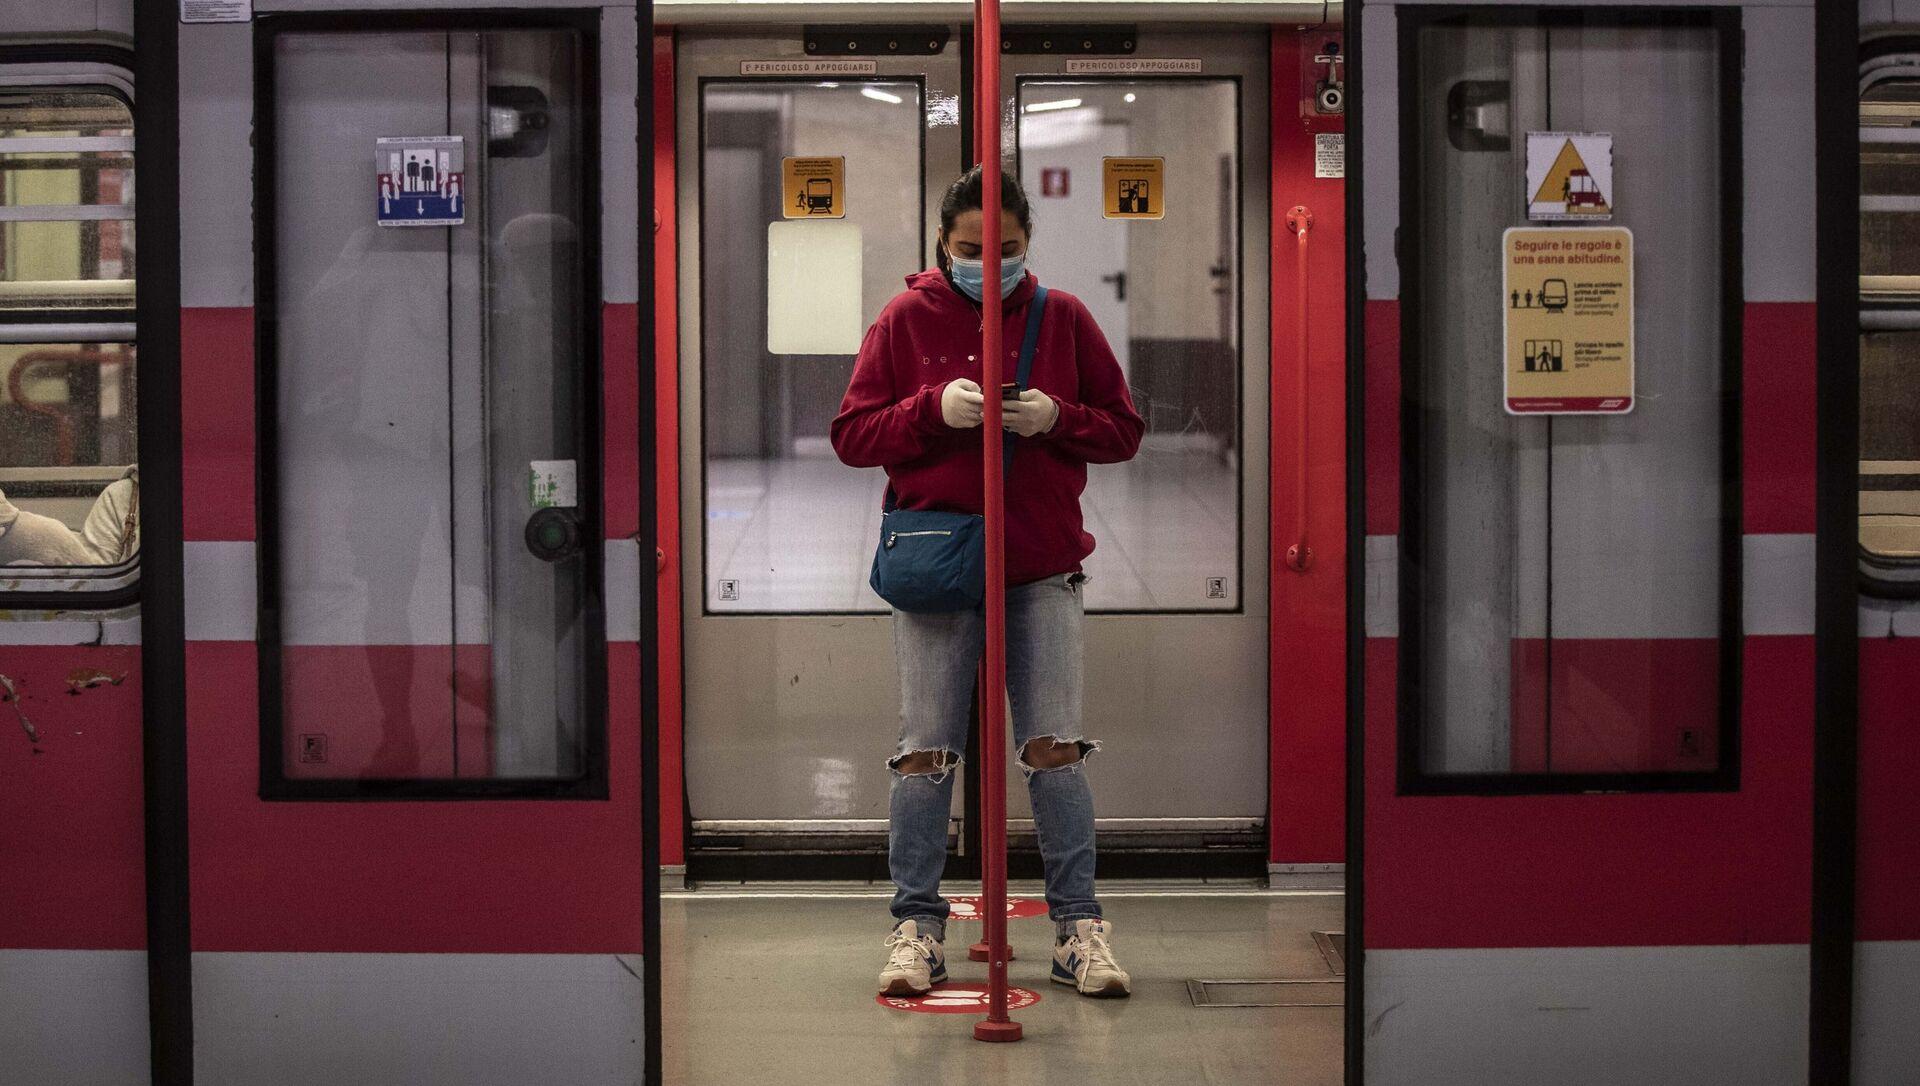 Una donna in un vagone della metropolitana a Milano dopo l'inizio della Fase 2, Italia, il 4 maggio 2020 - Sputnik Italia, 1920, 14.03.2021